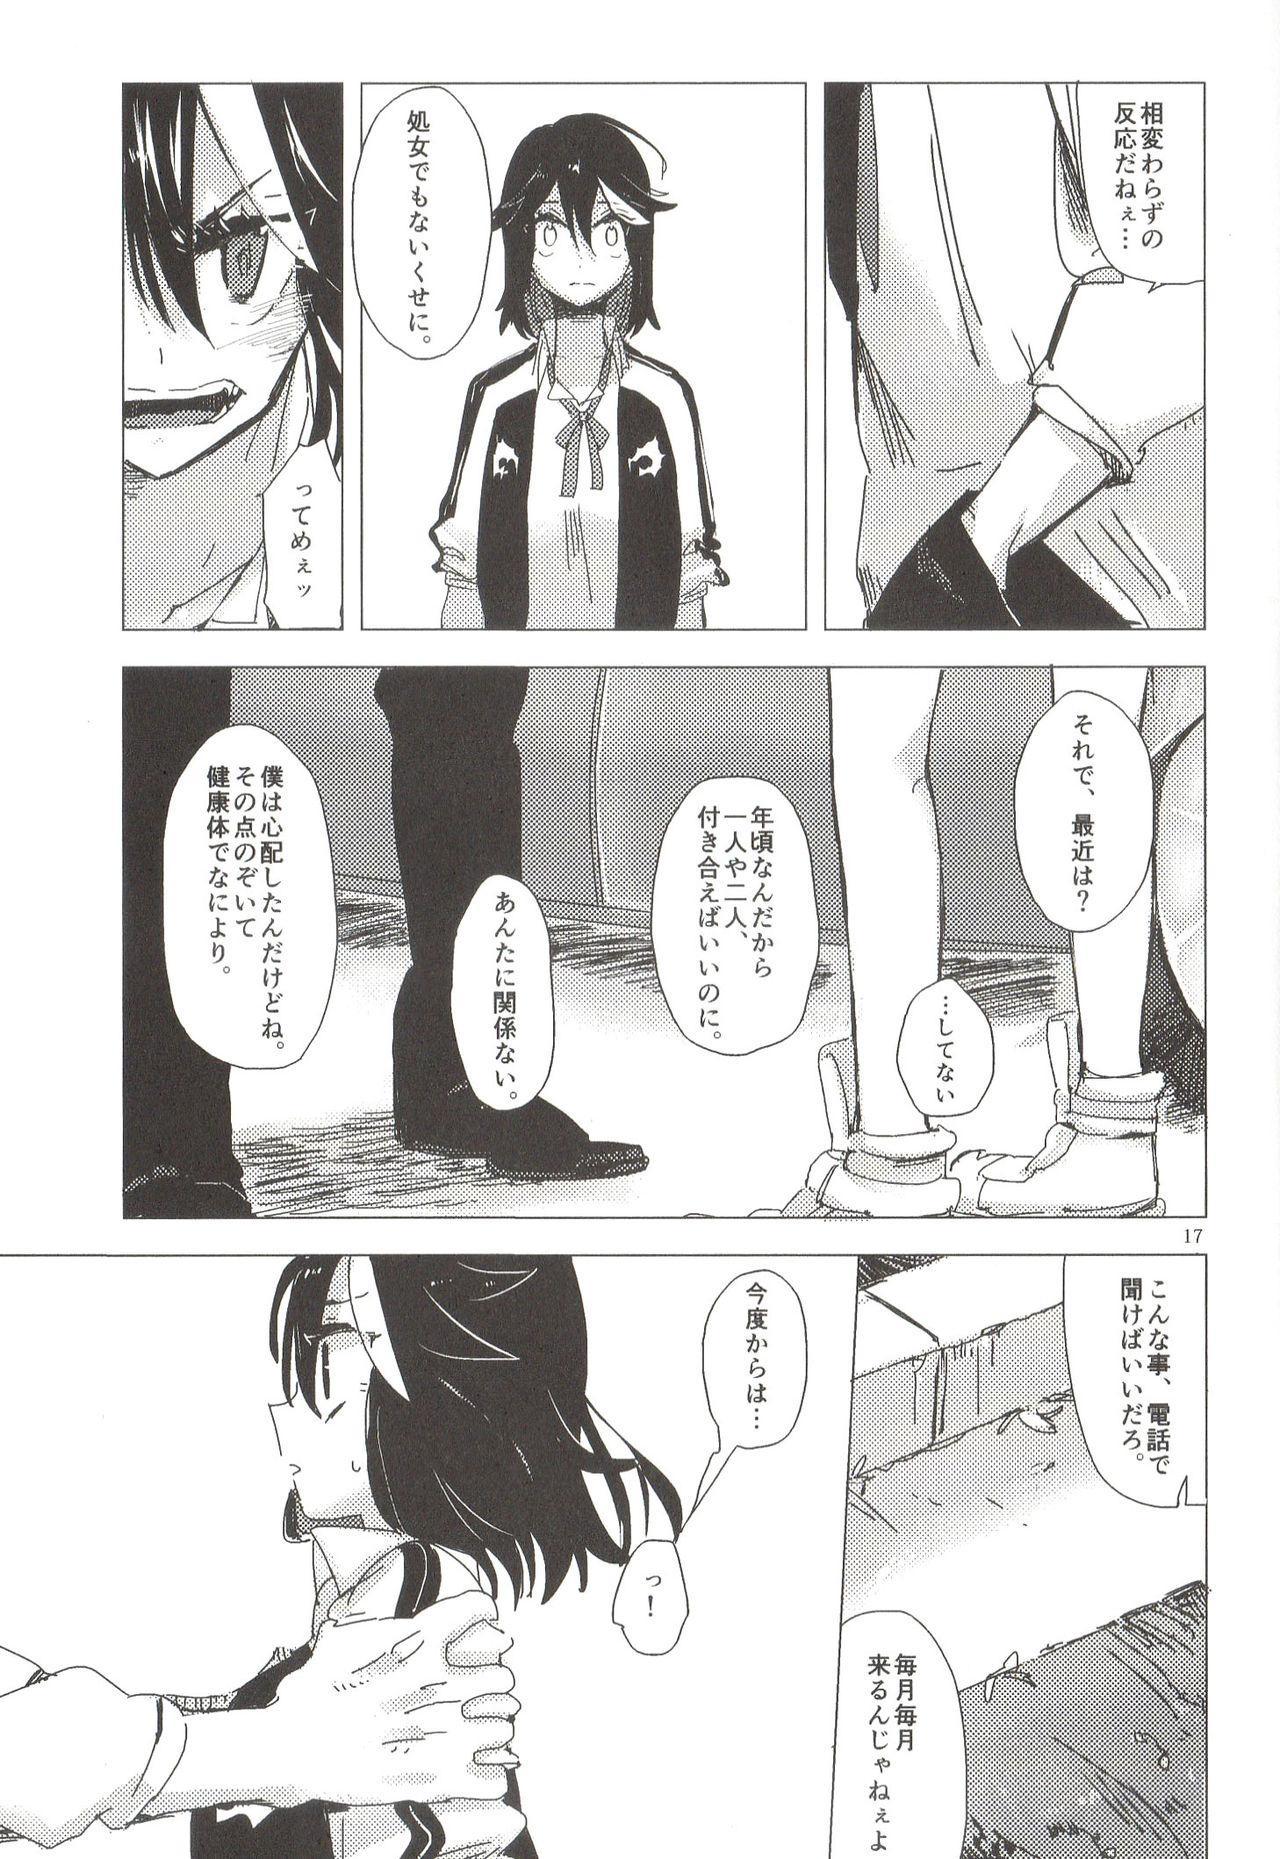 Doku o Kurawaba, 16